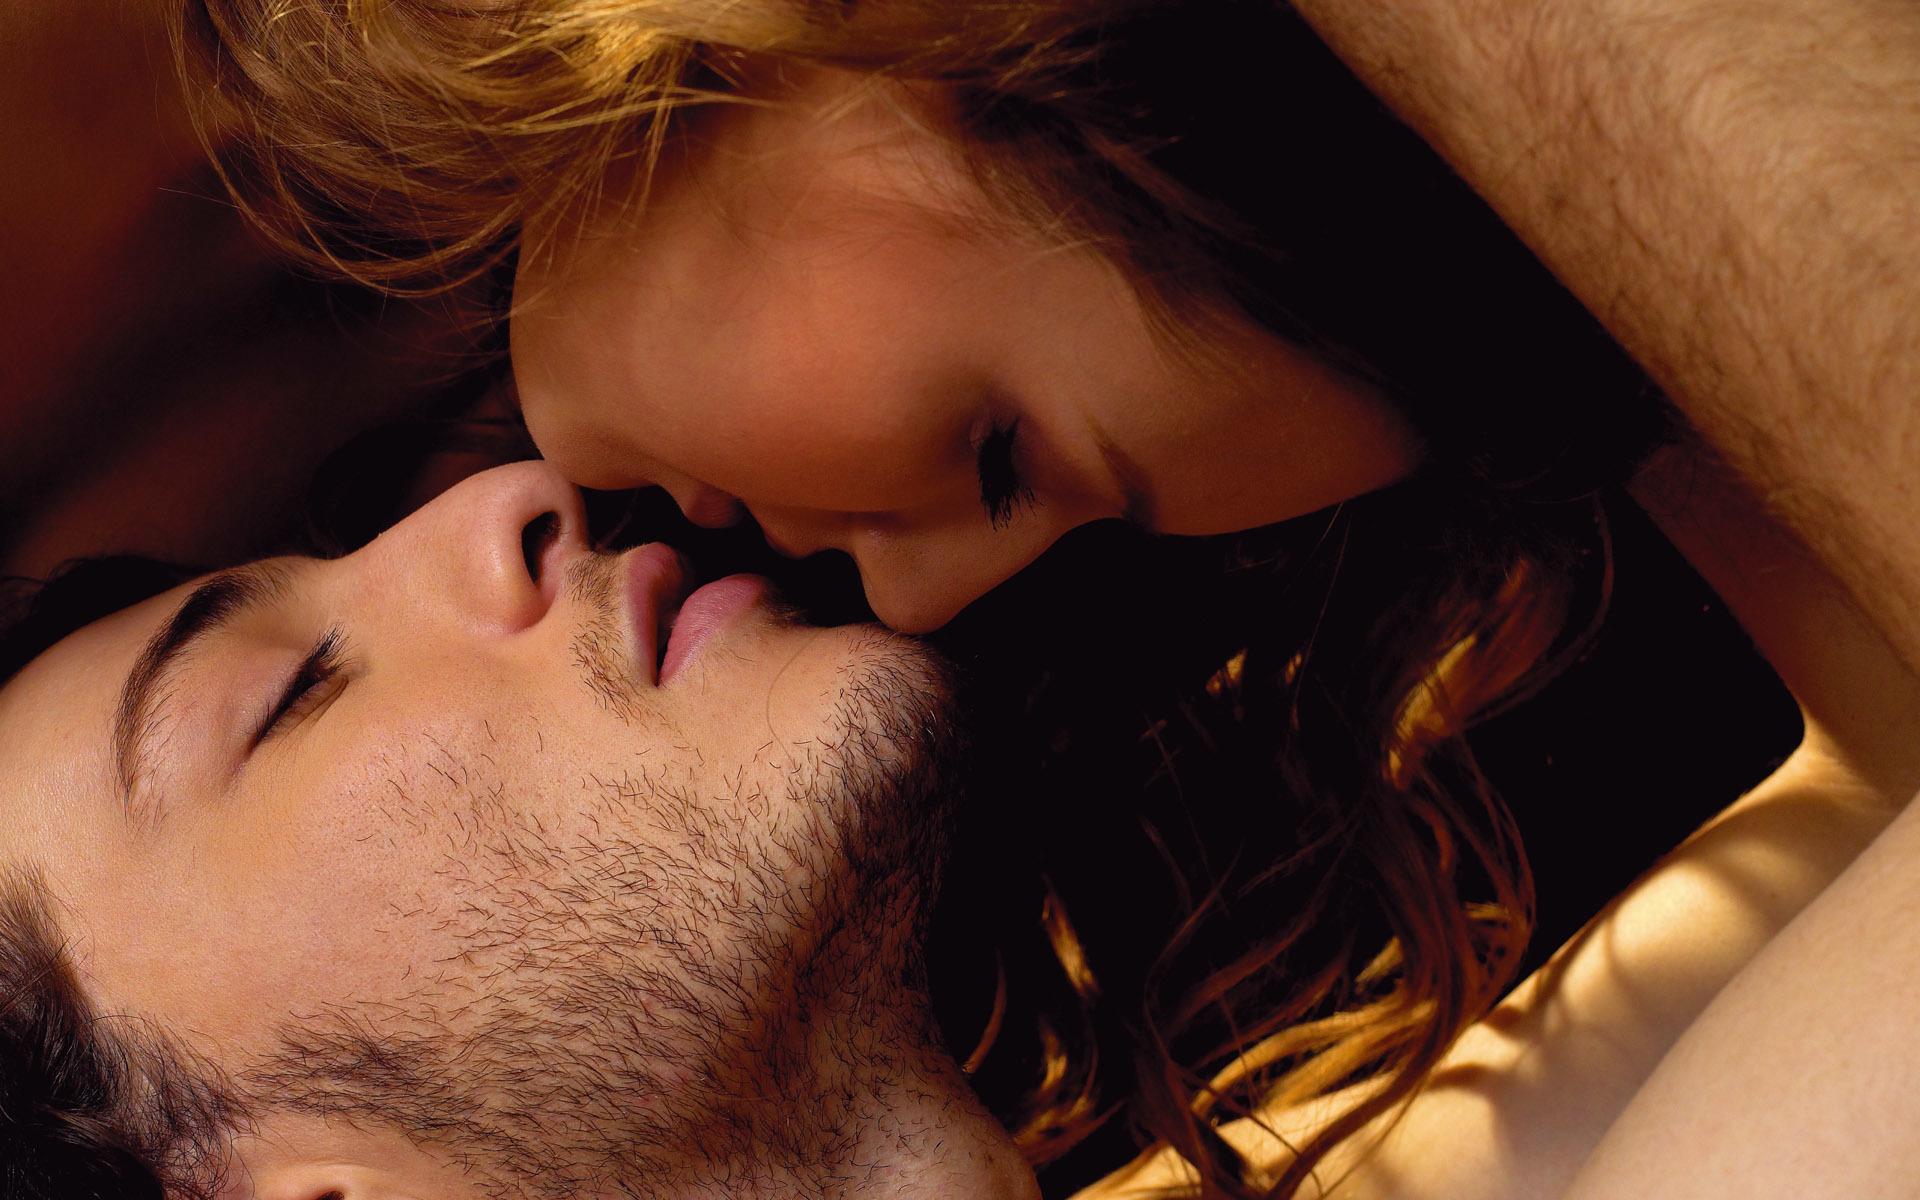 Страстный глубокий поцелуй видео